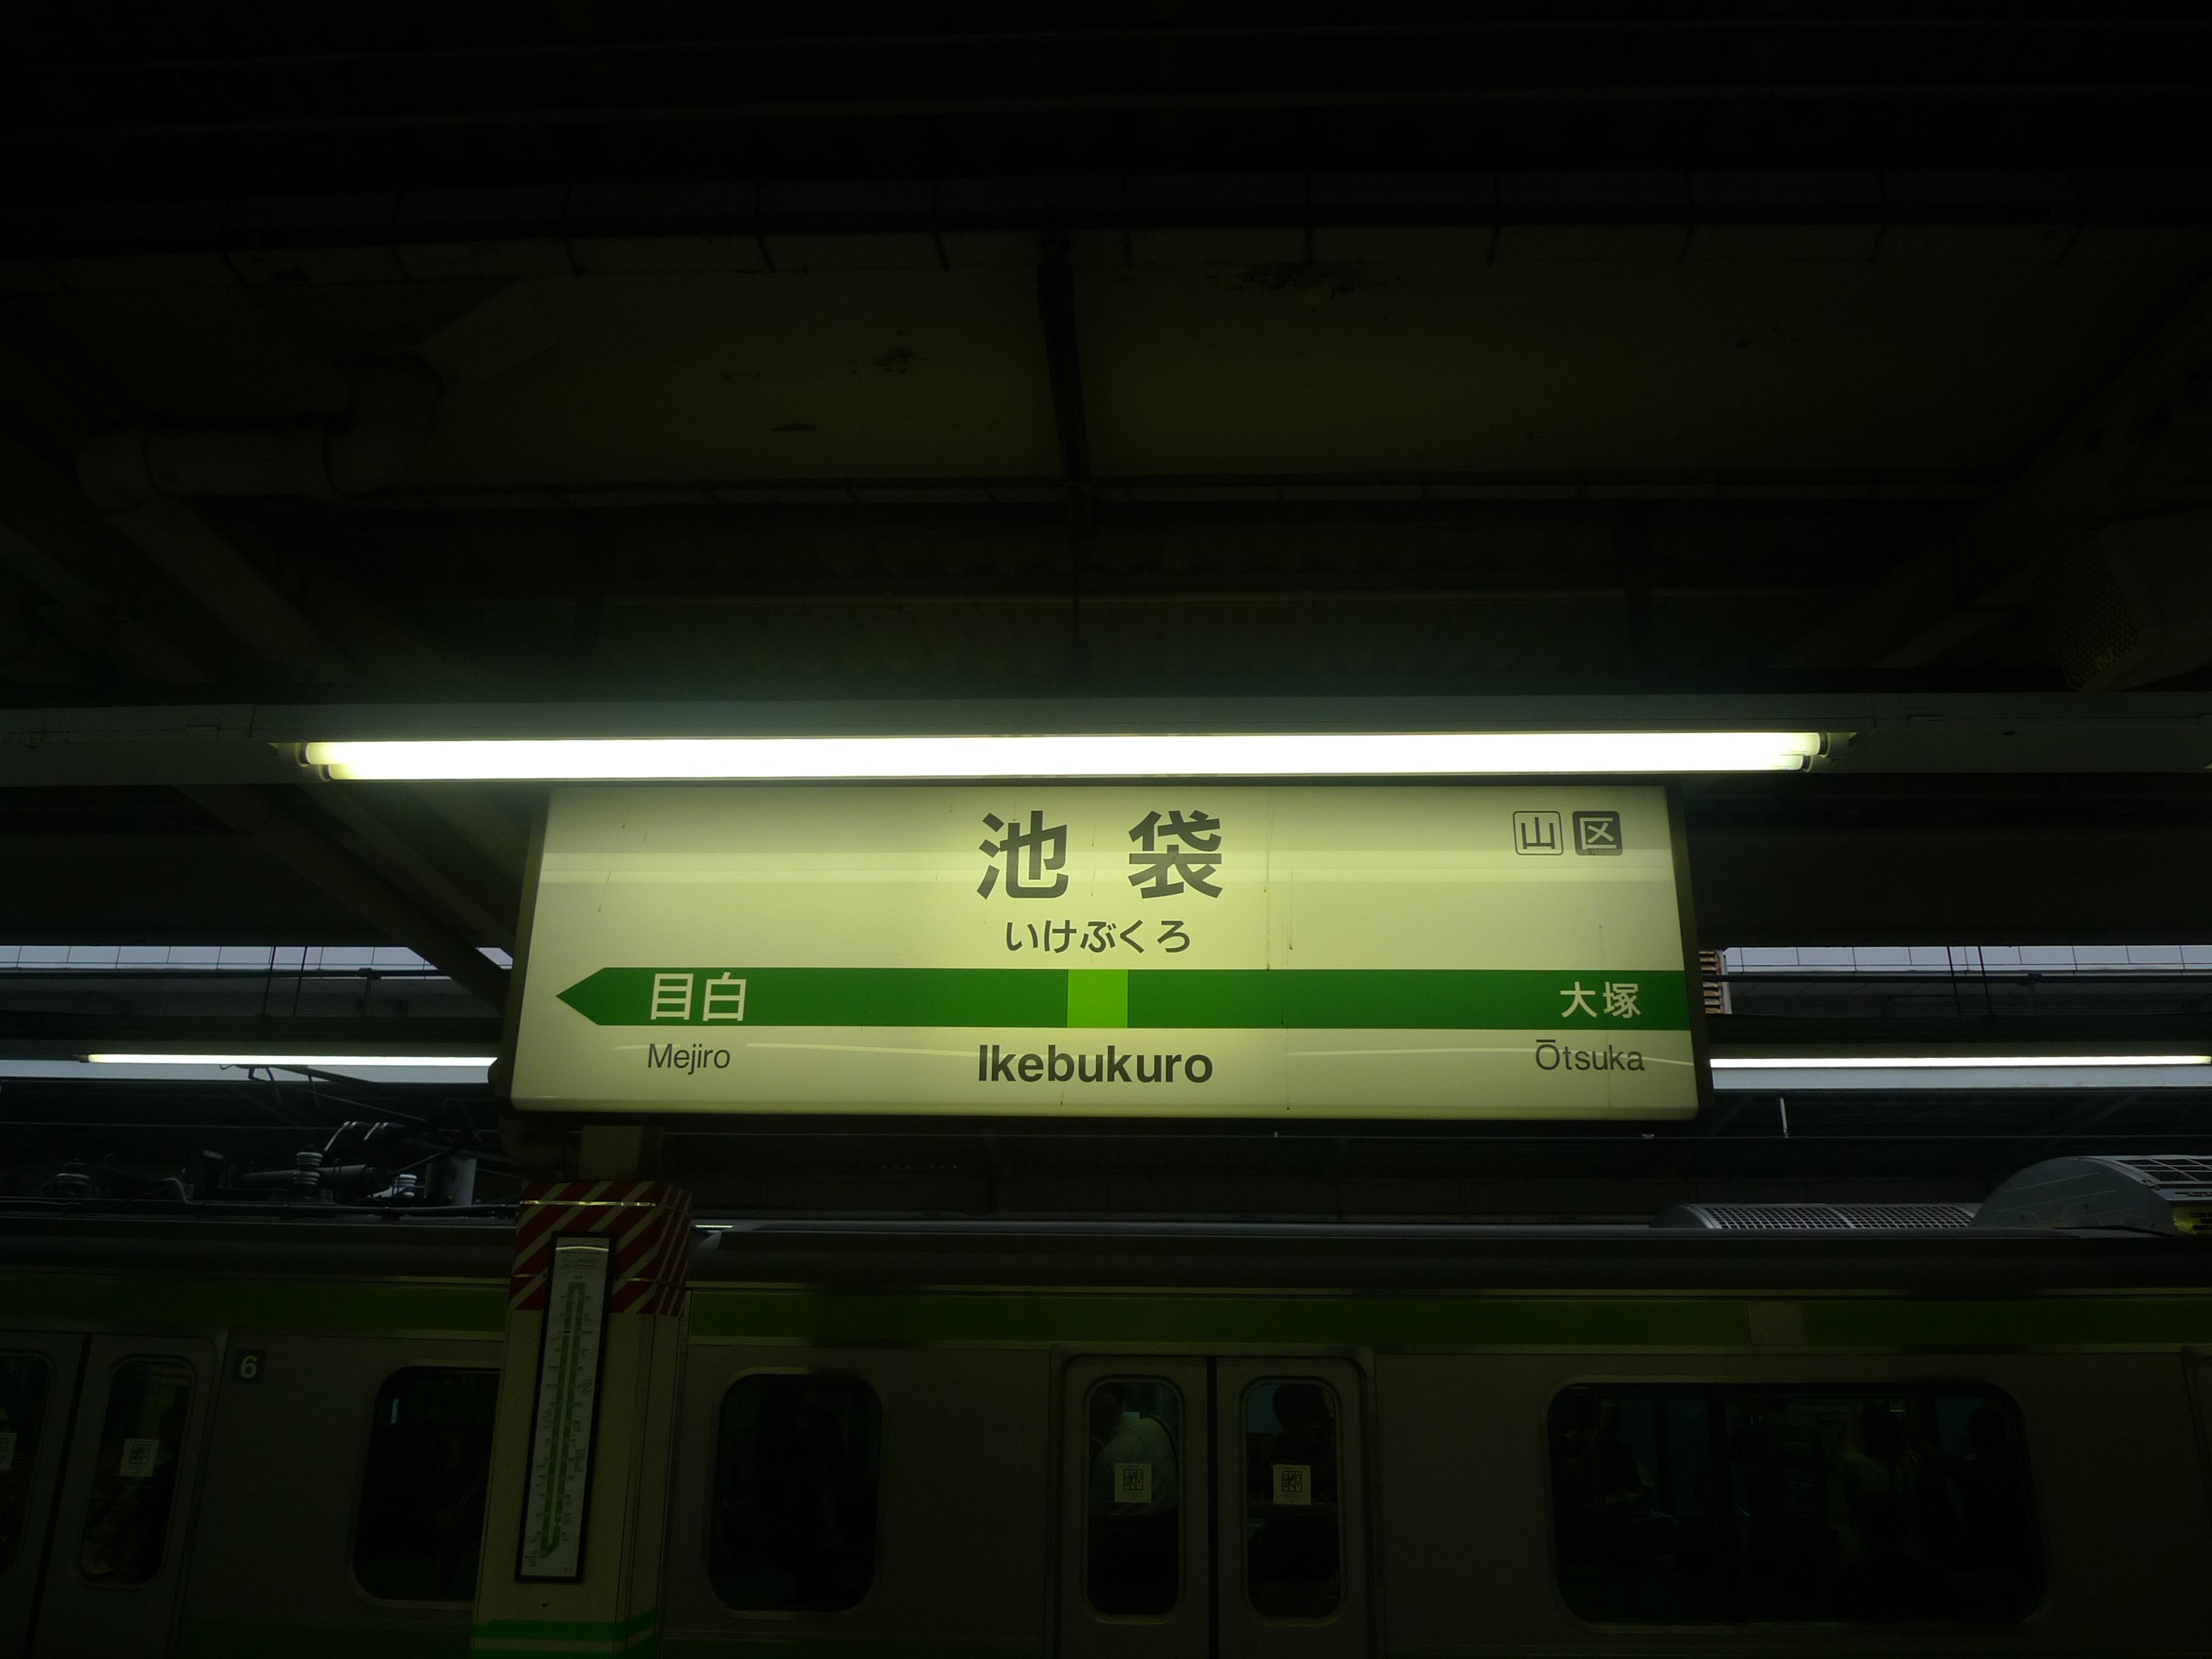 tokyo ikebukuro